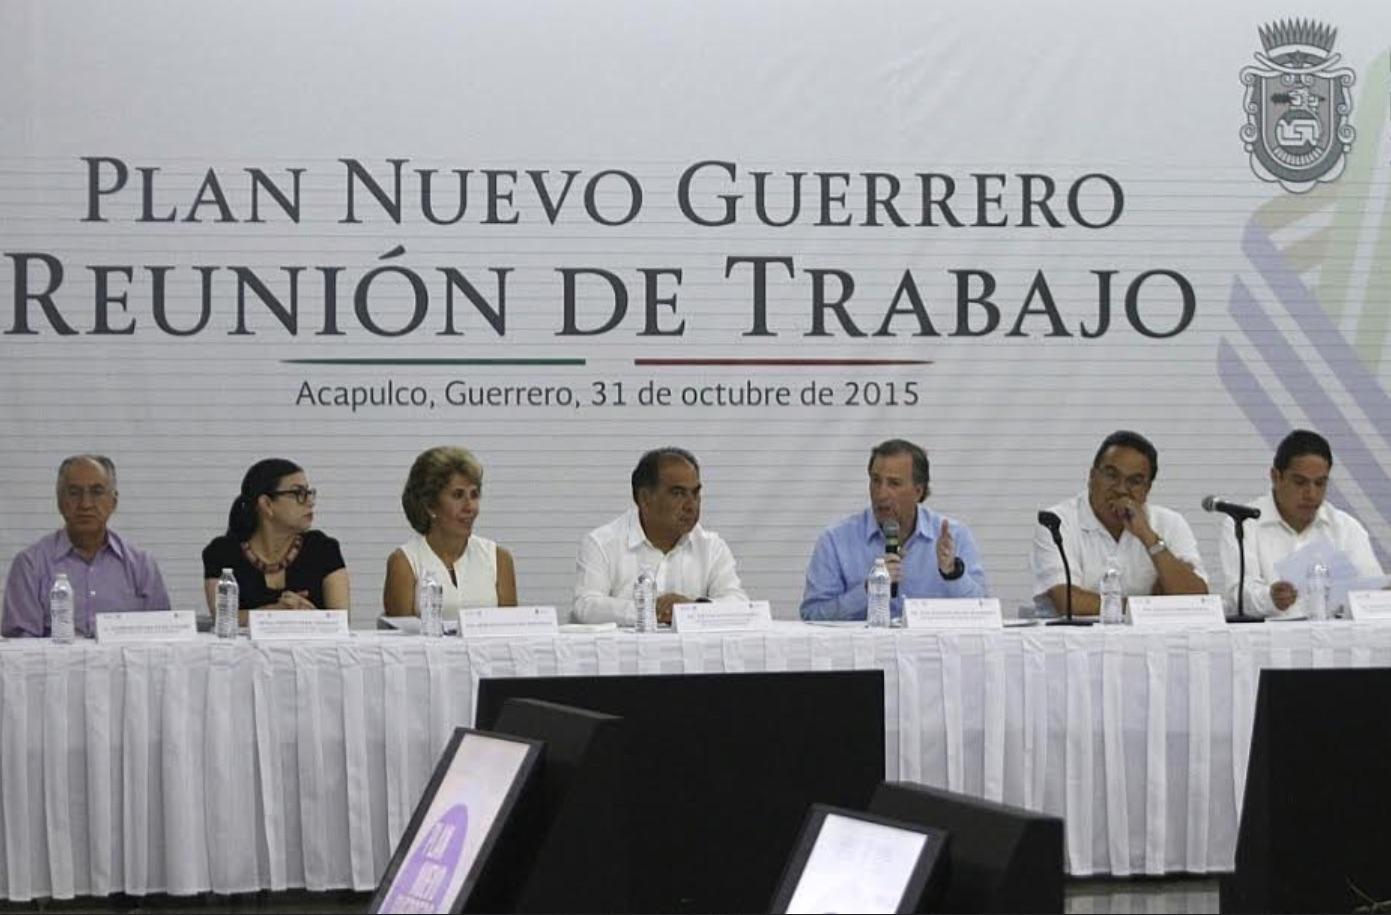 Reunión de trabajo Plan Nuevo Guerrero